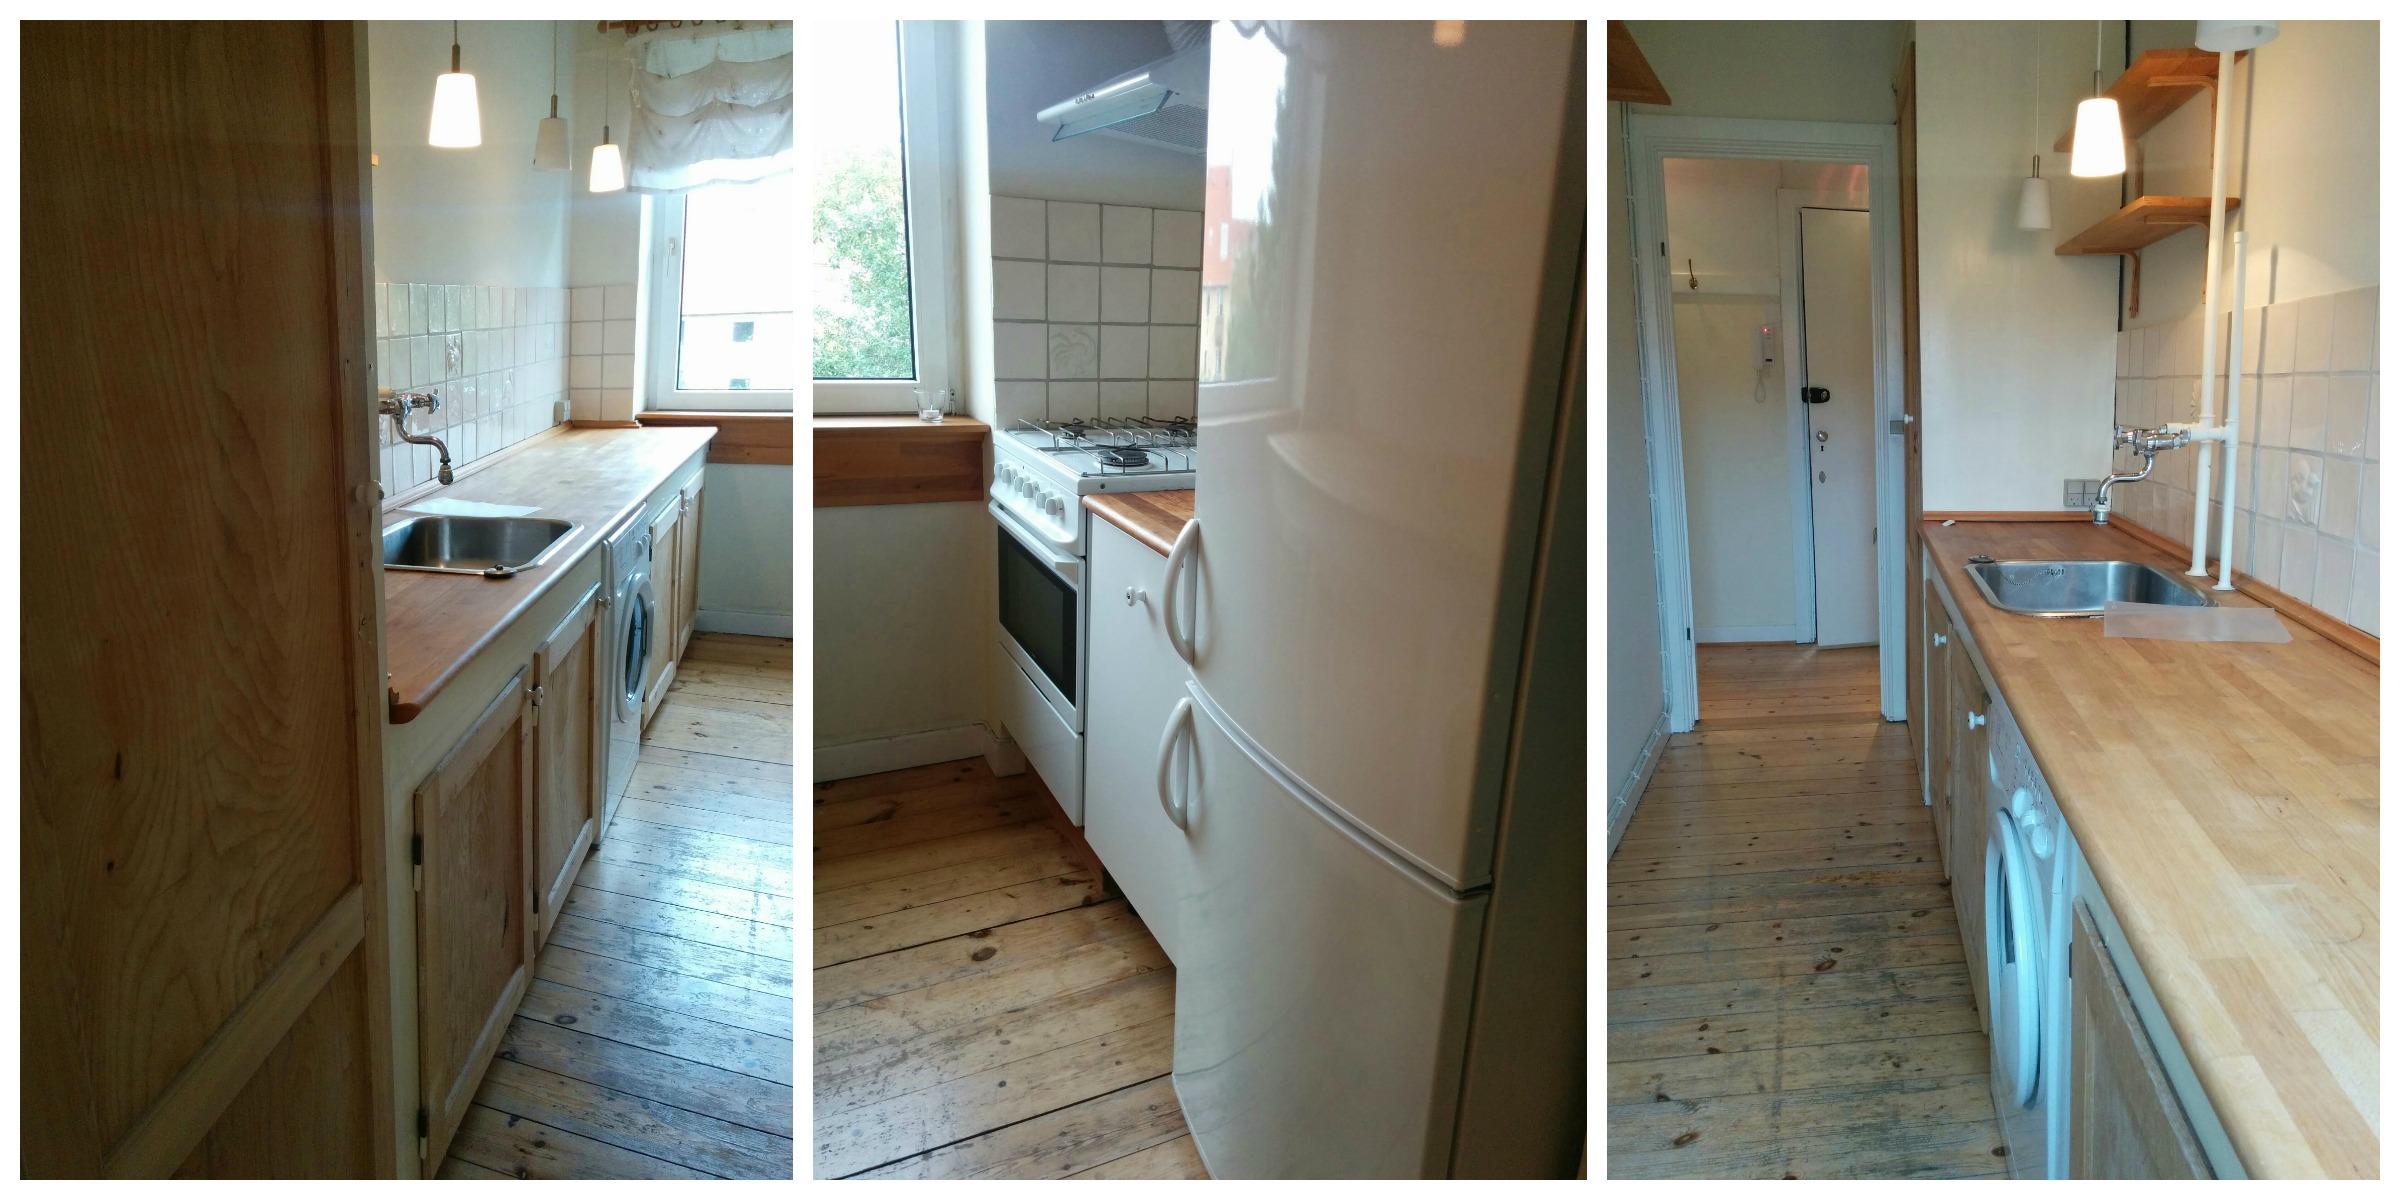 Fru Kofoeds nye Køkken_Collage